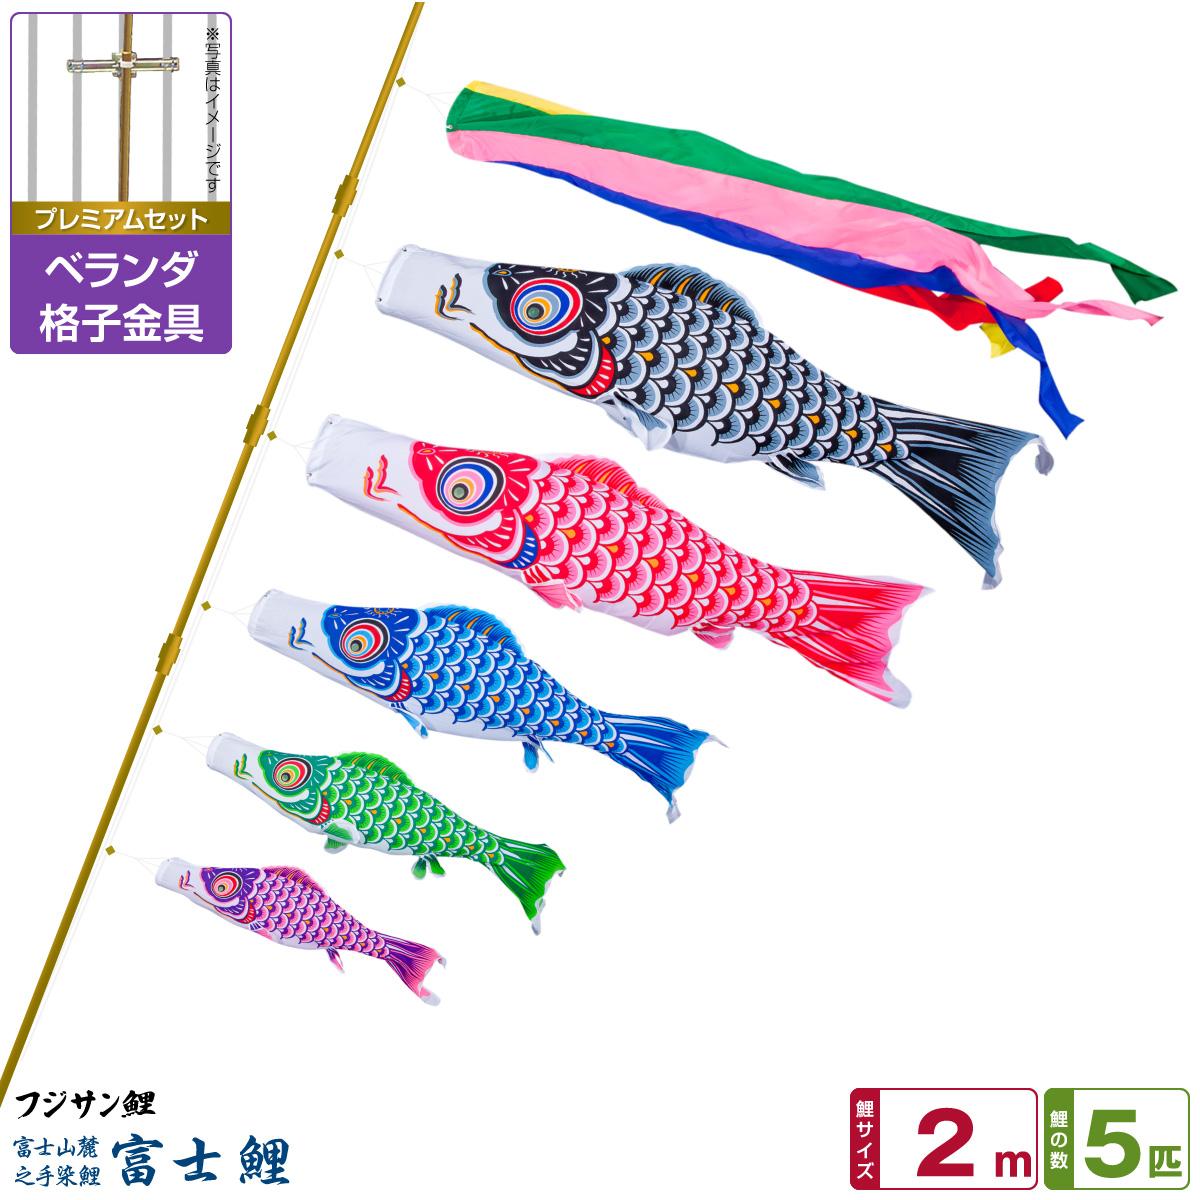 ベランダ用 こいのぼり 鯉のぼり フジサン鯉 富士鯉 2m 8点(吹流し+鯉5匹+矢車+ロープ)/プレミアムセット(格子金具)